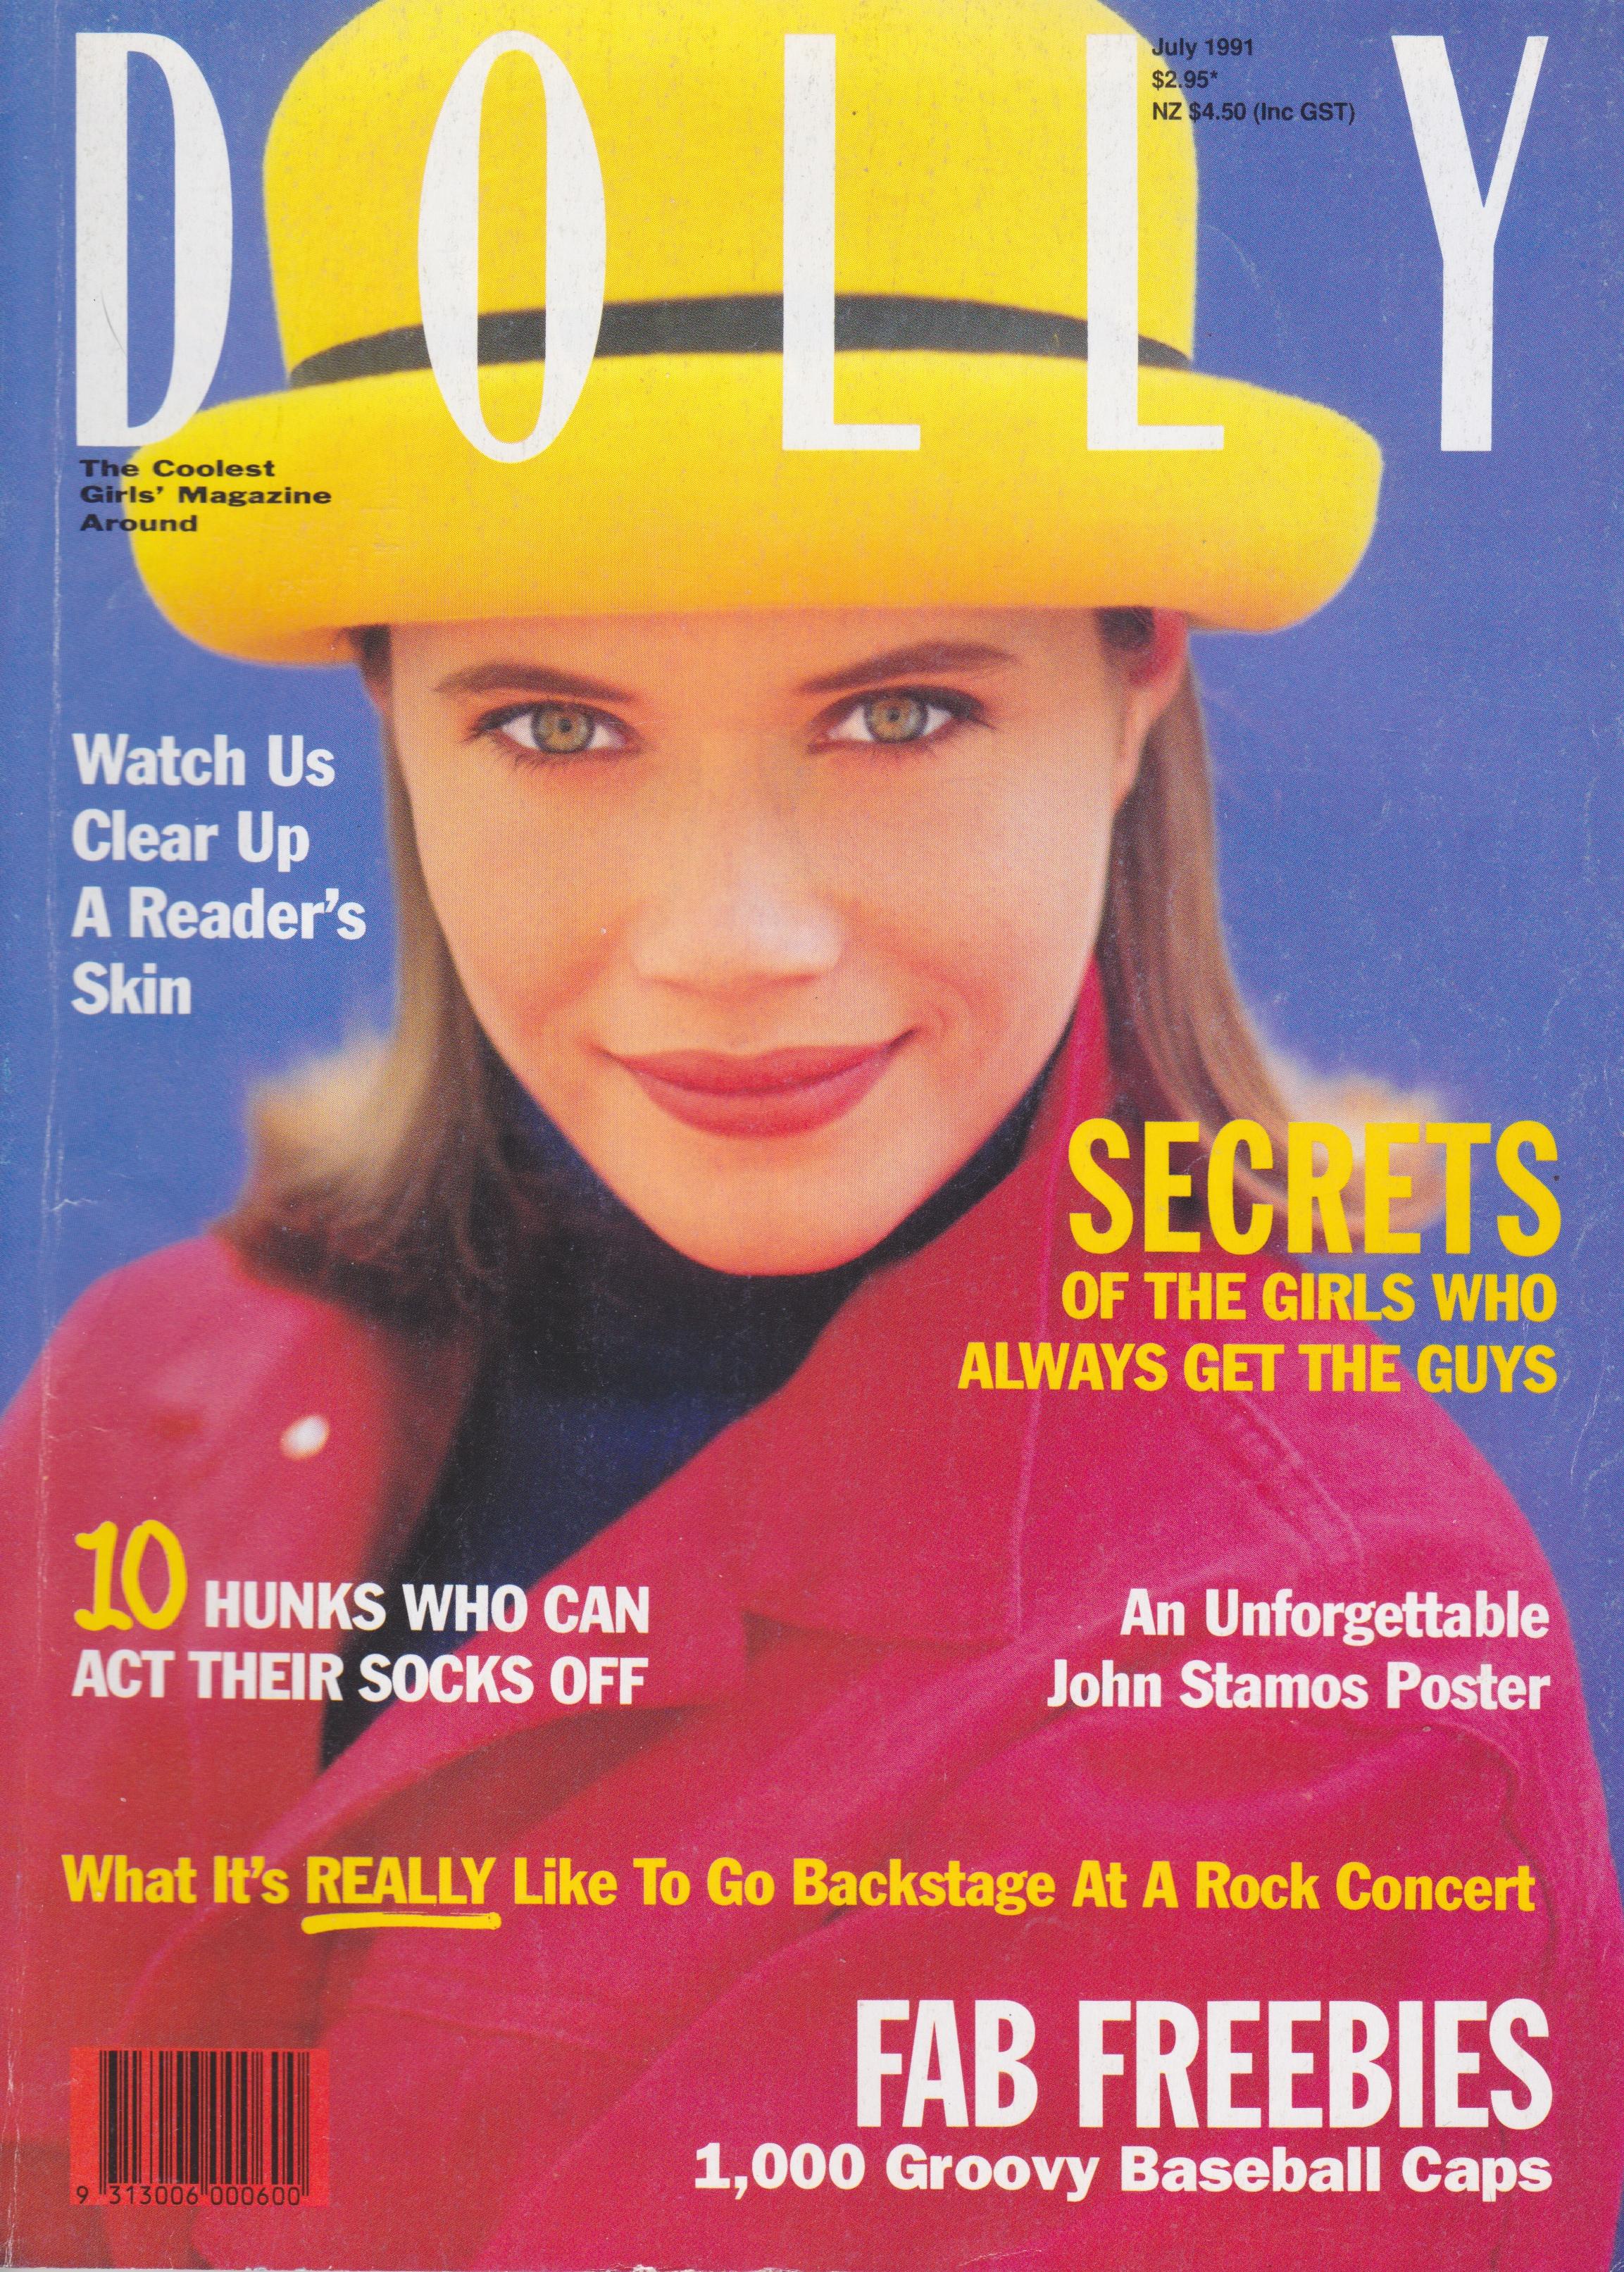 Dolly July 1991